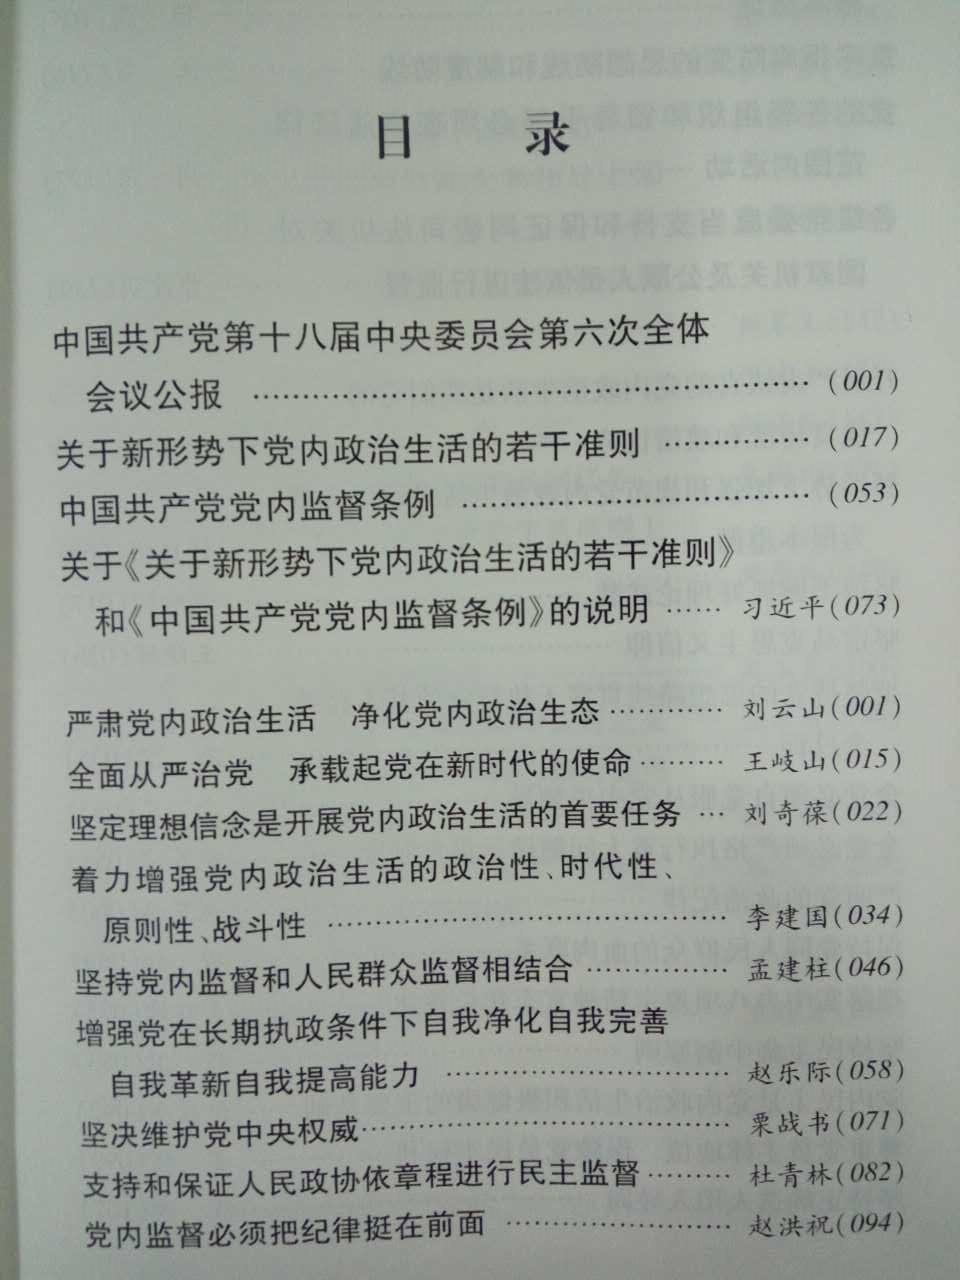 重磅 | 15名党和国家领导人为一本书组成豪华编写组